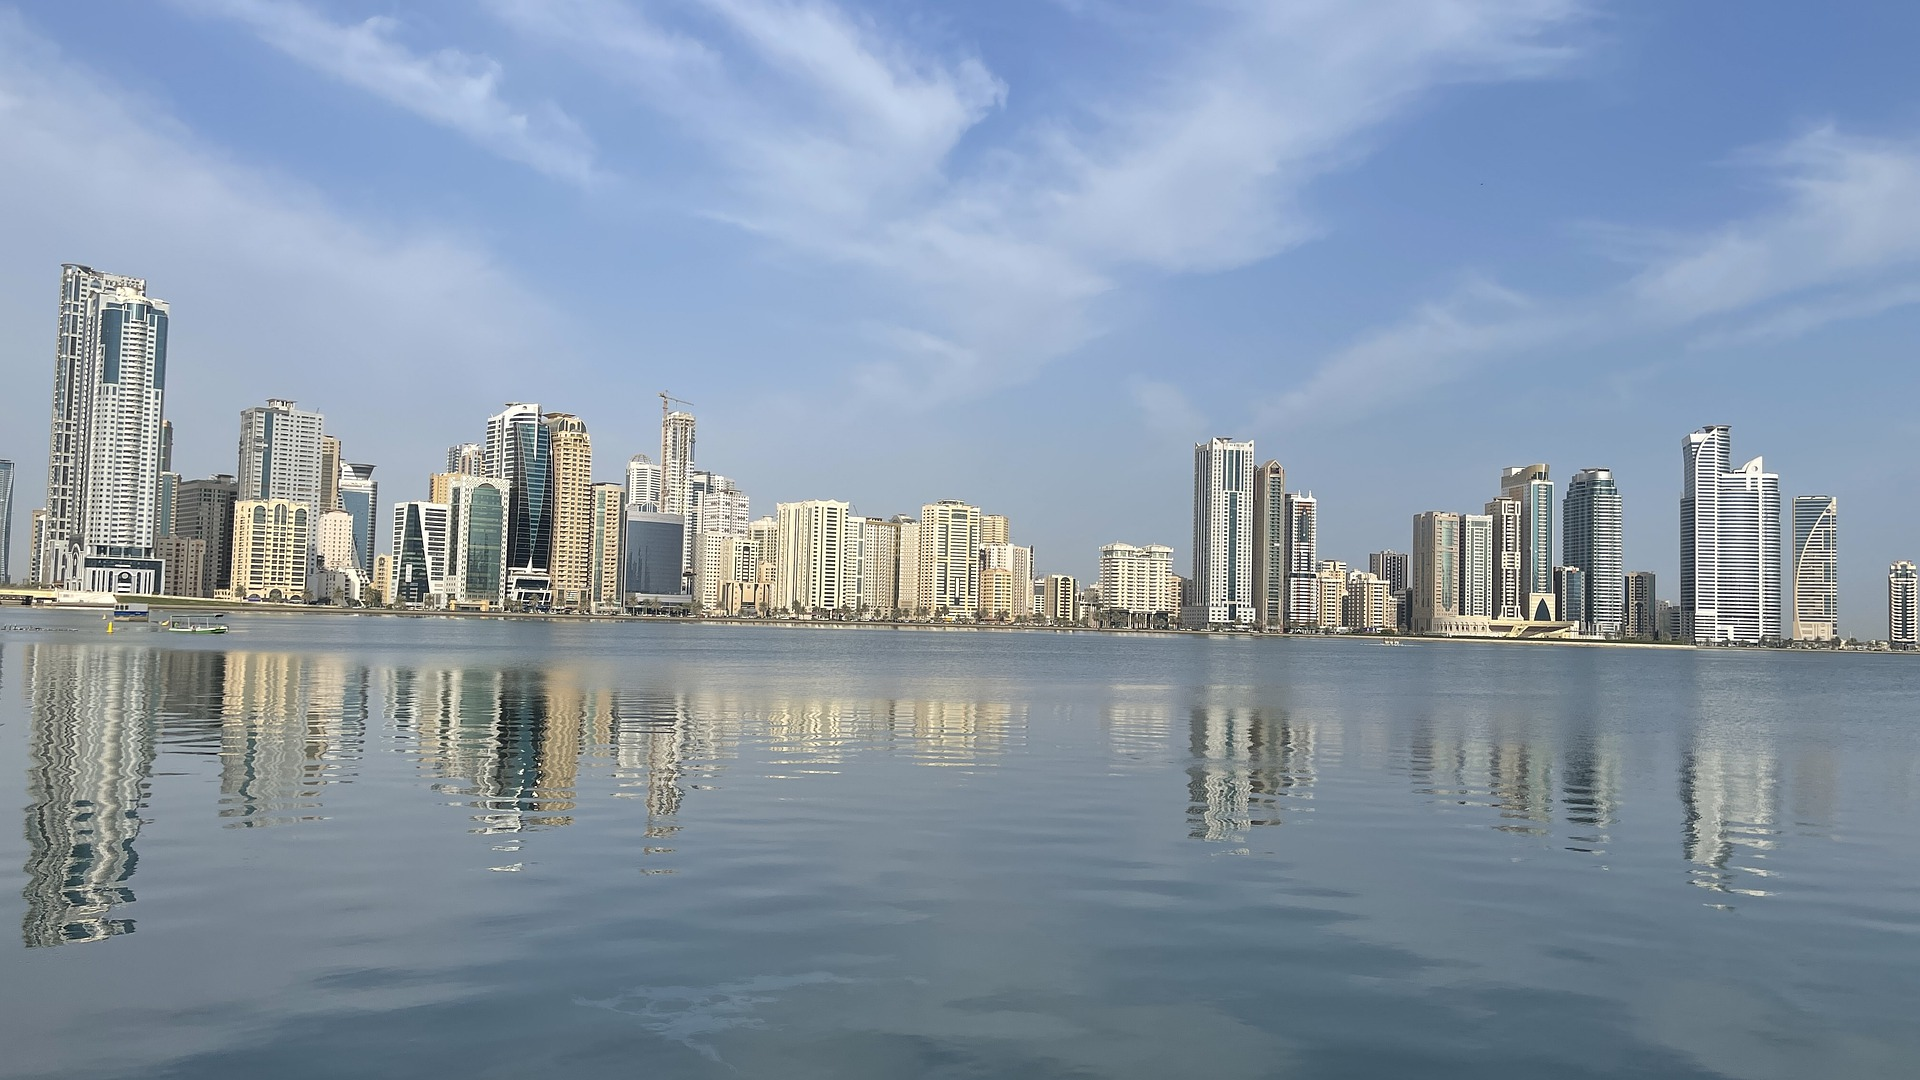 دولة الإمارات UAE تطلق الحزمة الثانية من مشاريع الخمسين